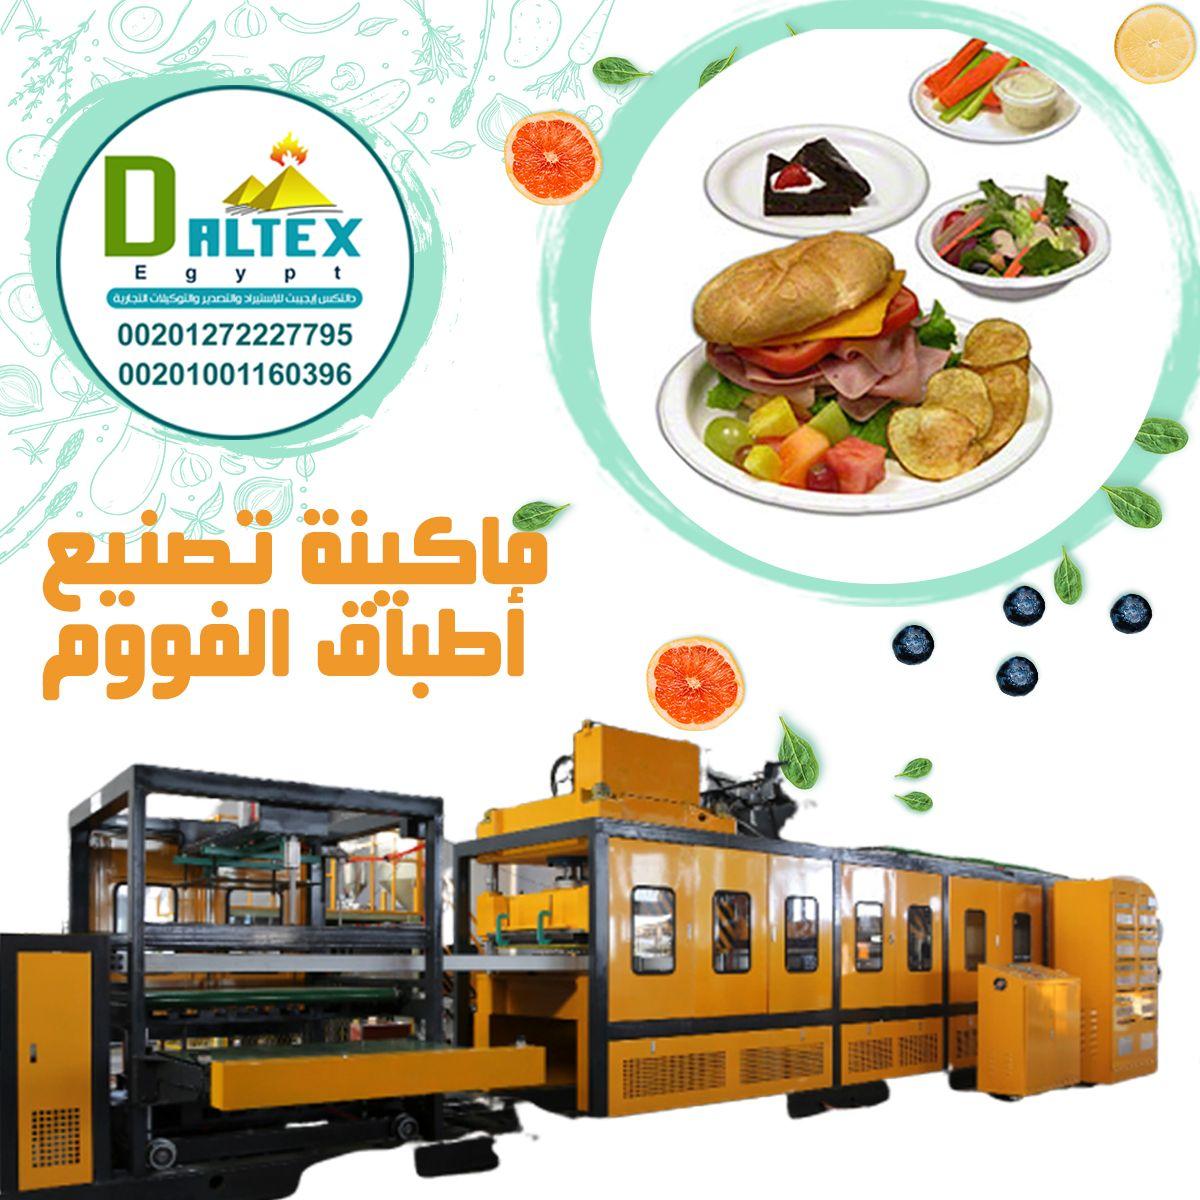 خطوط انتاج اطباق الفوم البيضاء والملونة Egypt Ads